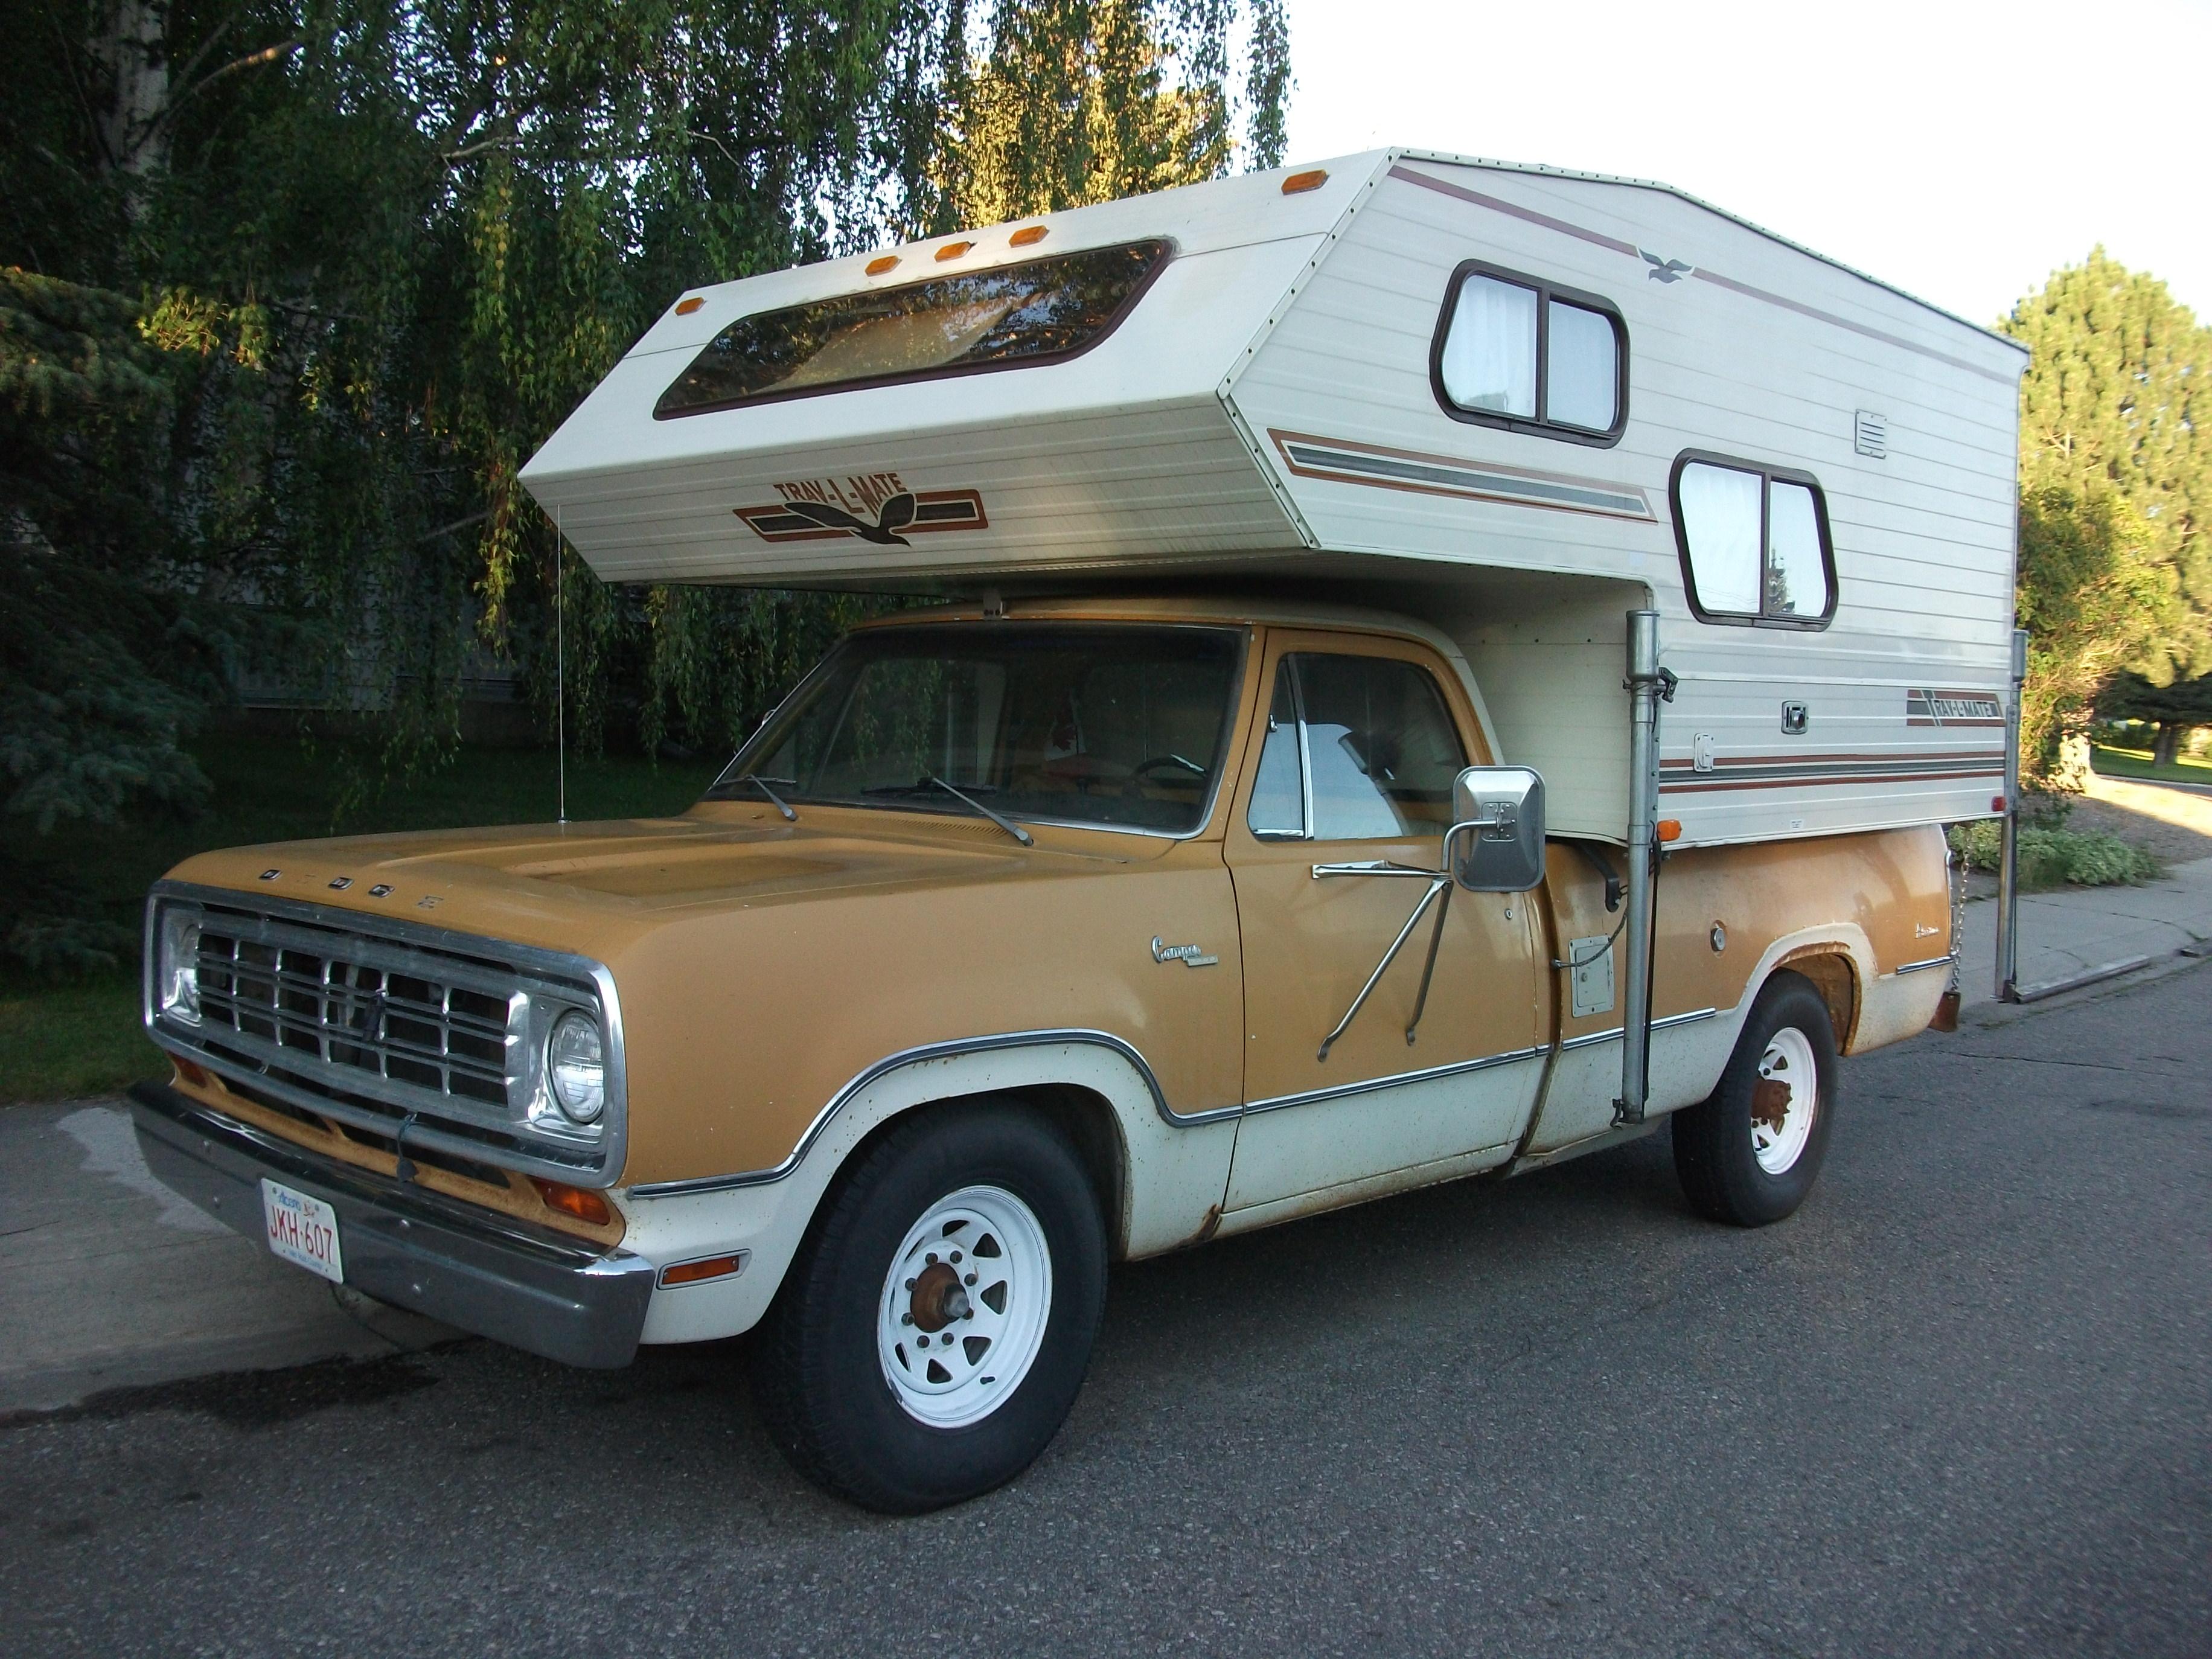 File:1974 Dodge D200 Pickup